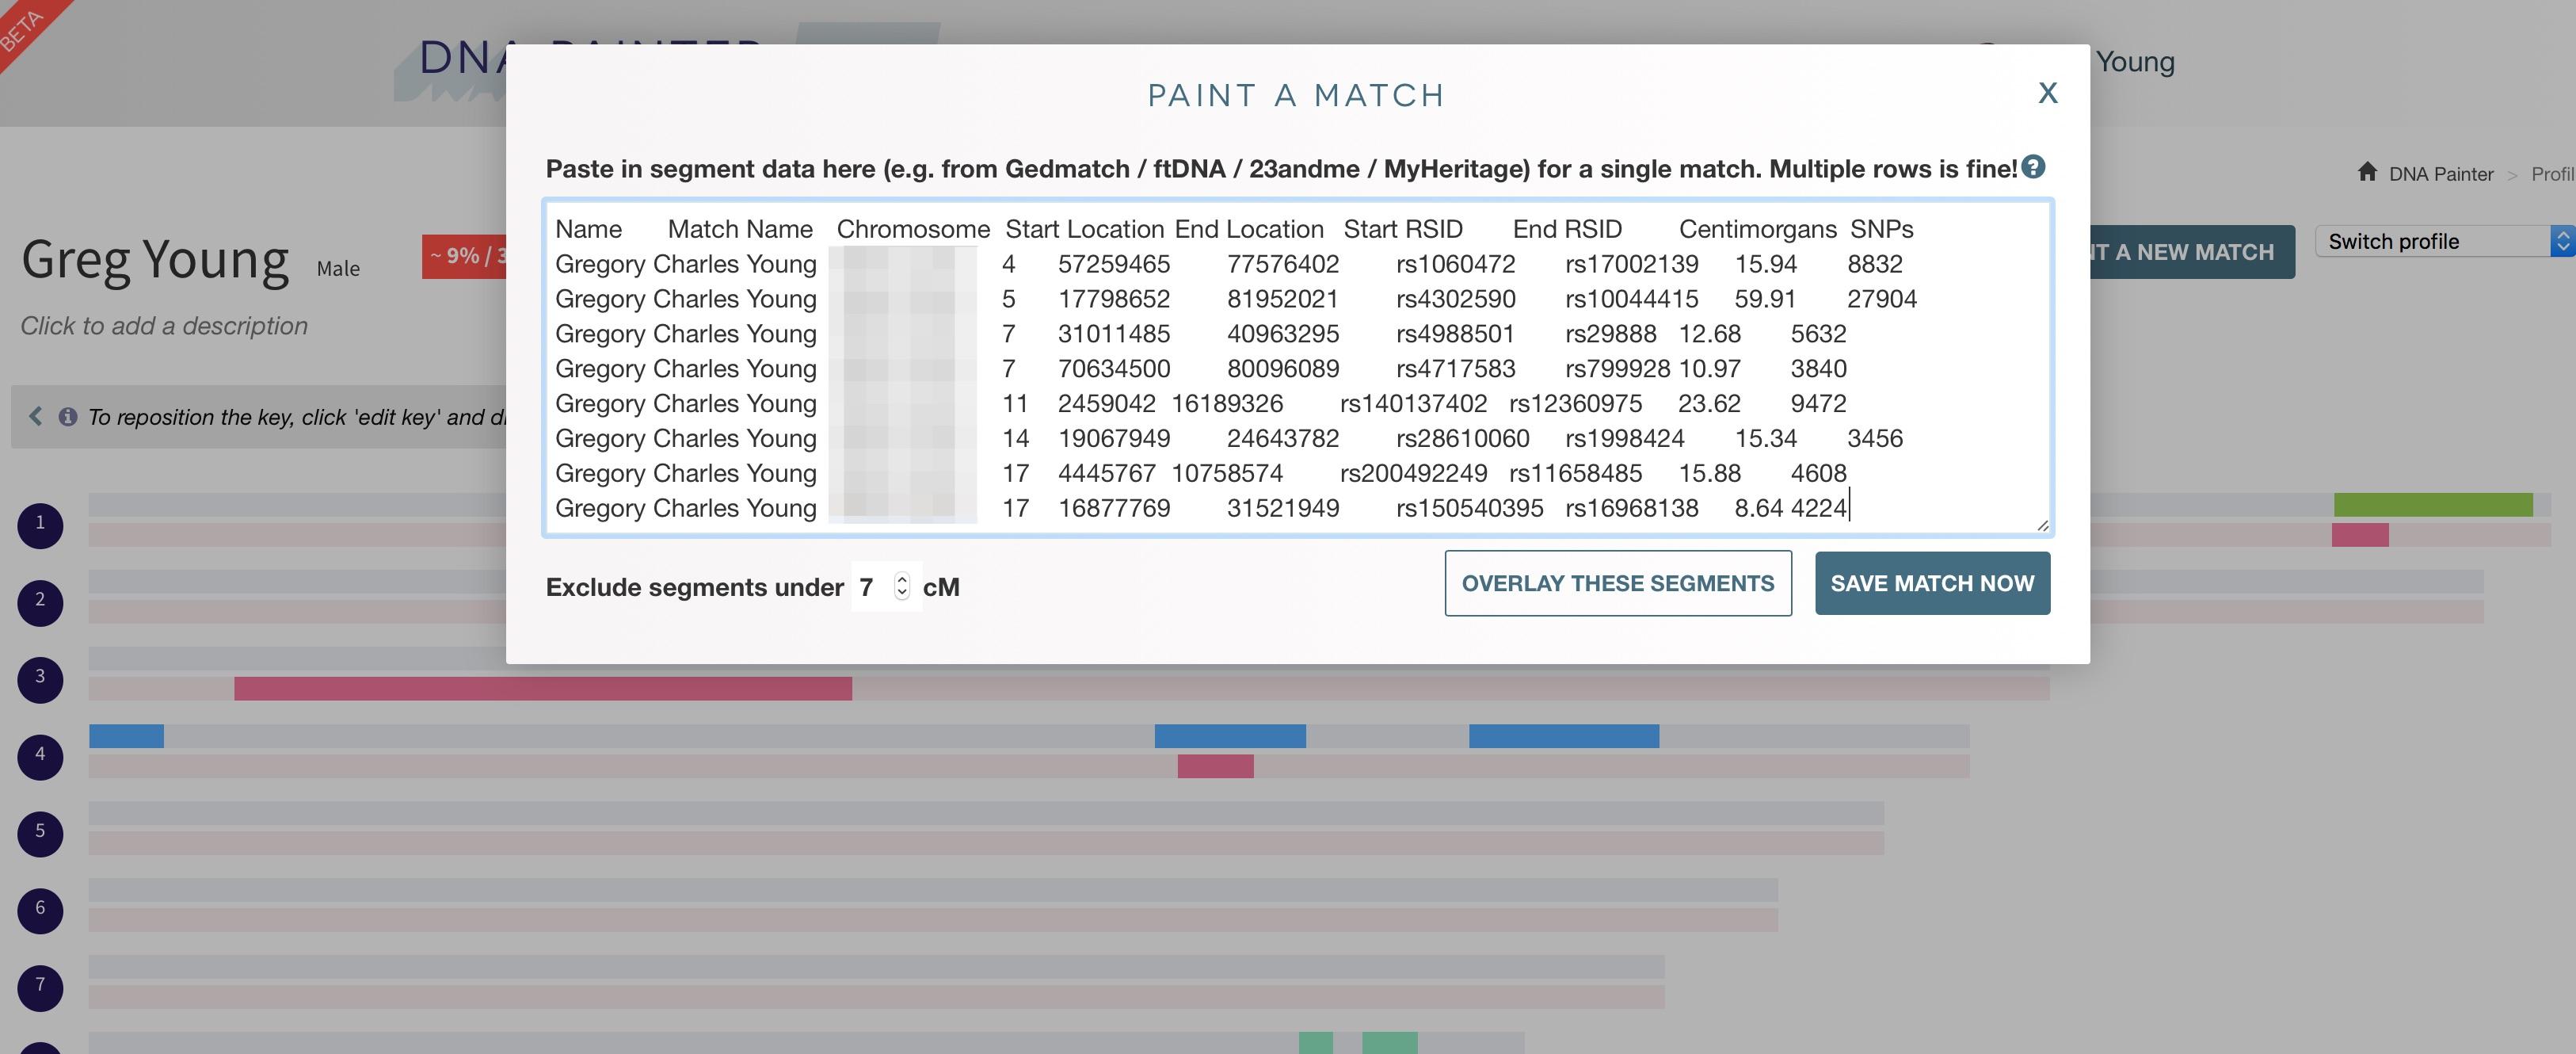 DNA_Painter___Profile PL 9